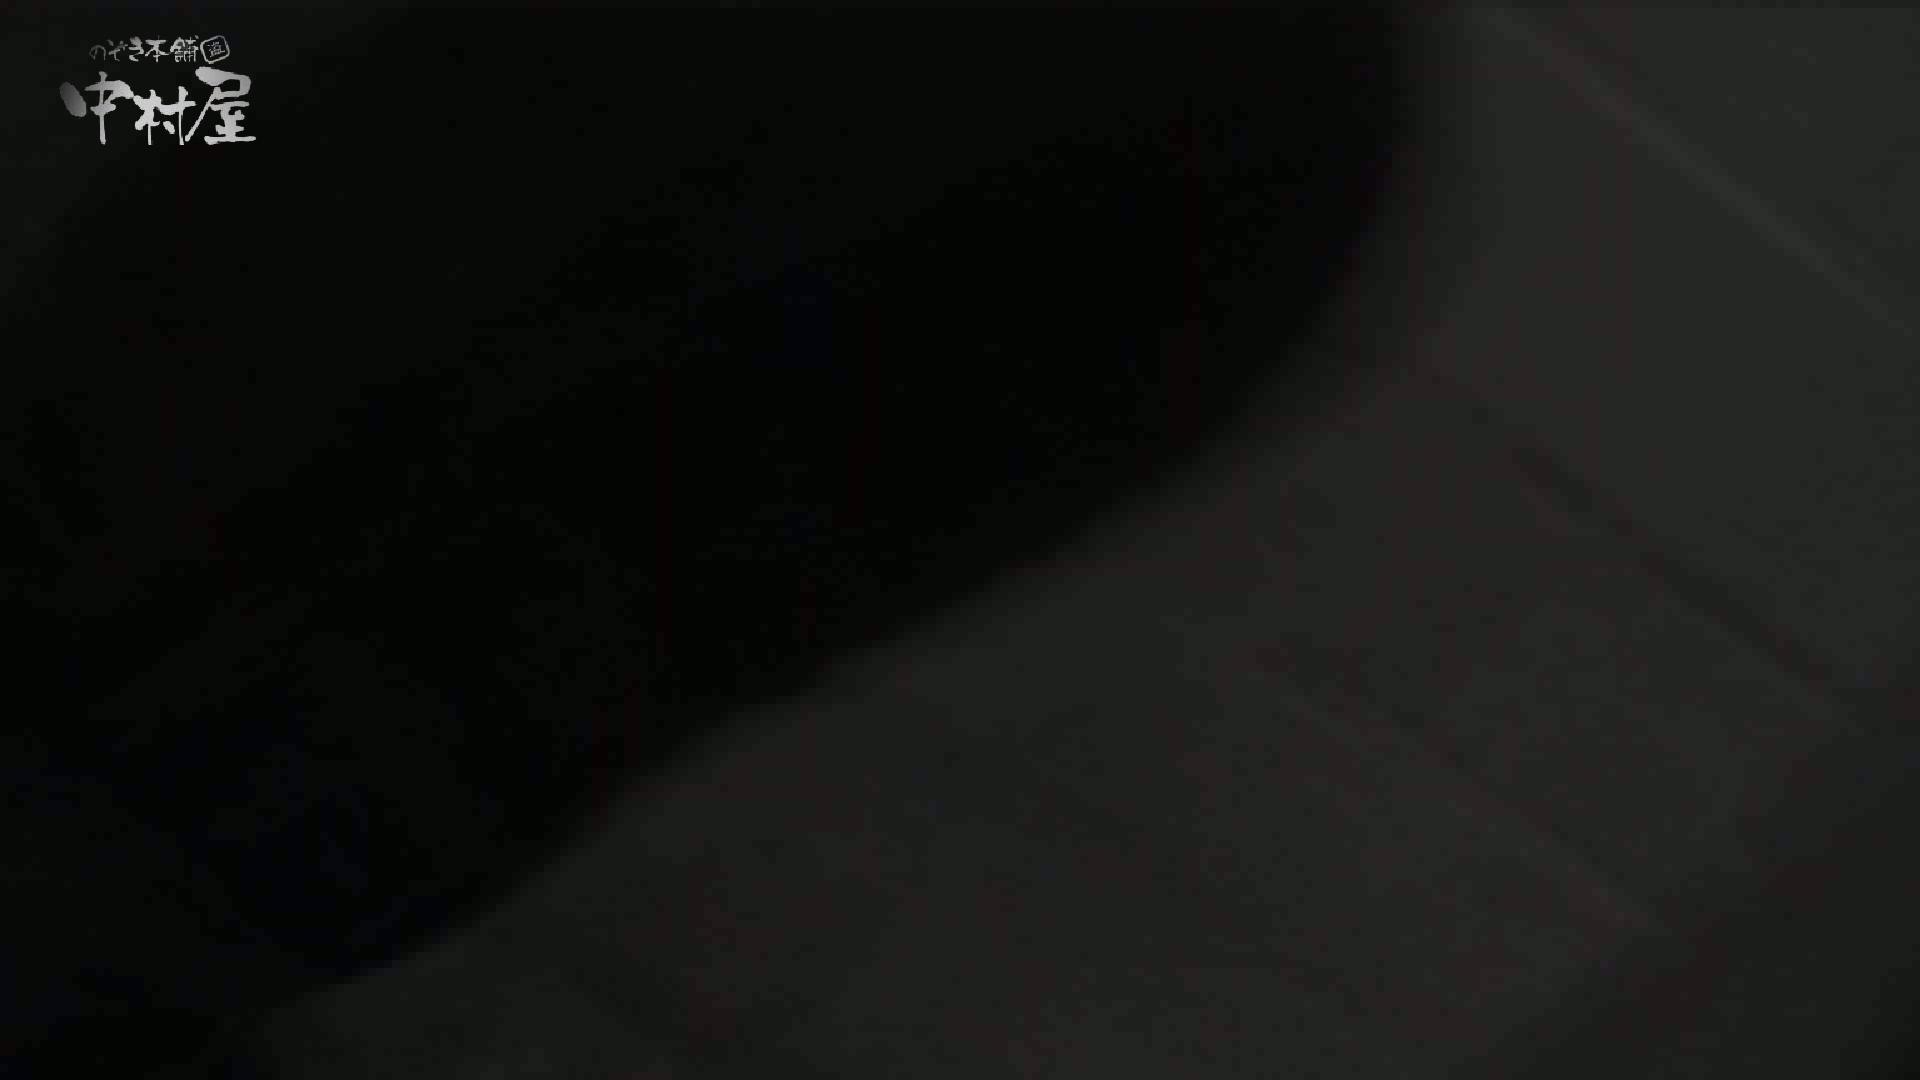 洗面所突入レポート!!vol.8 マンコ特別編 オマンコ無修正動画無料 102枚 4